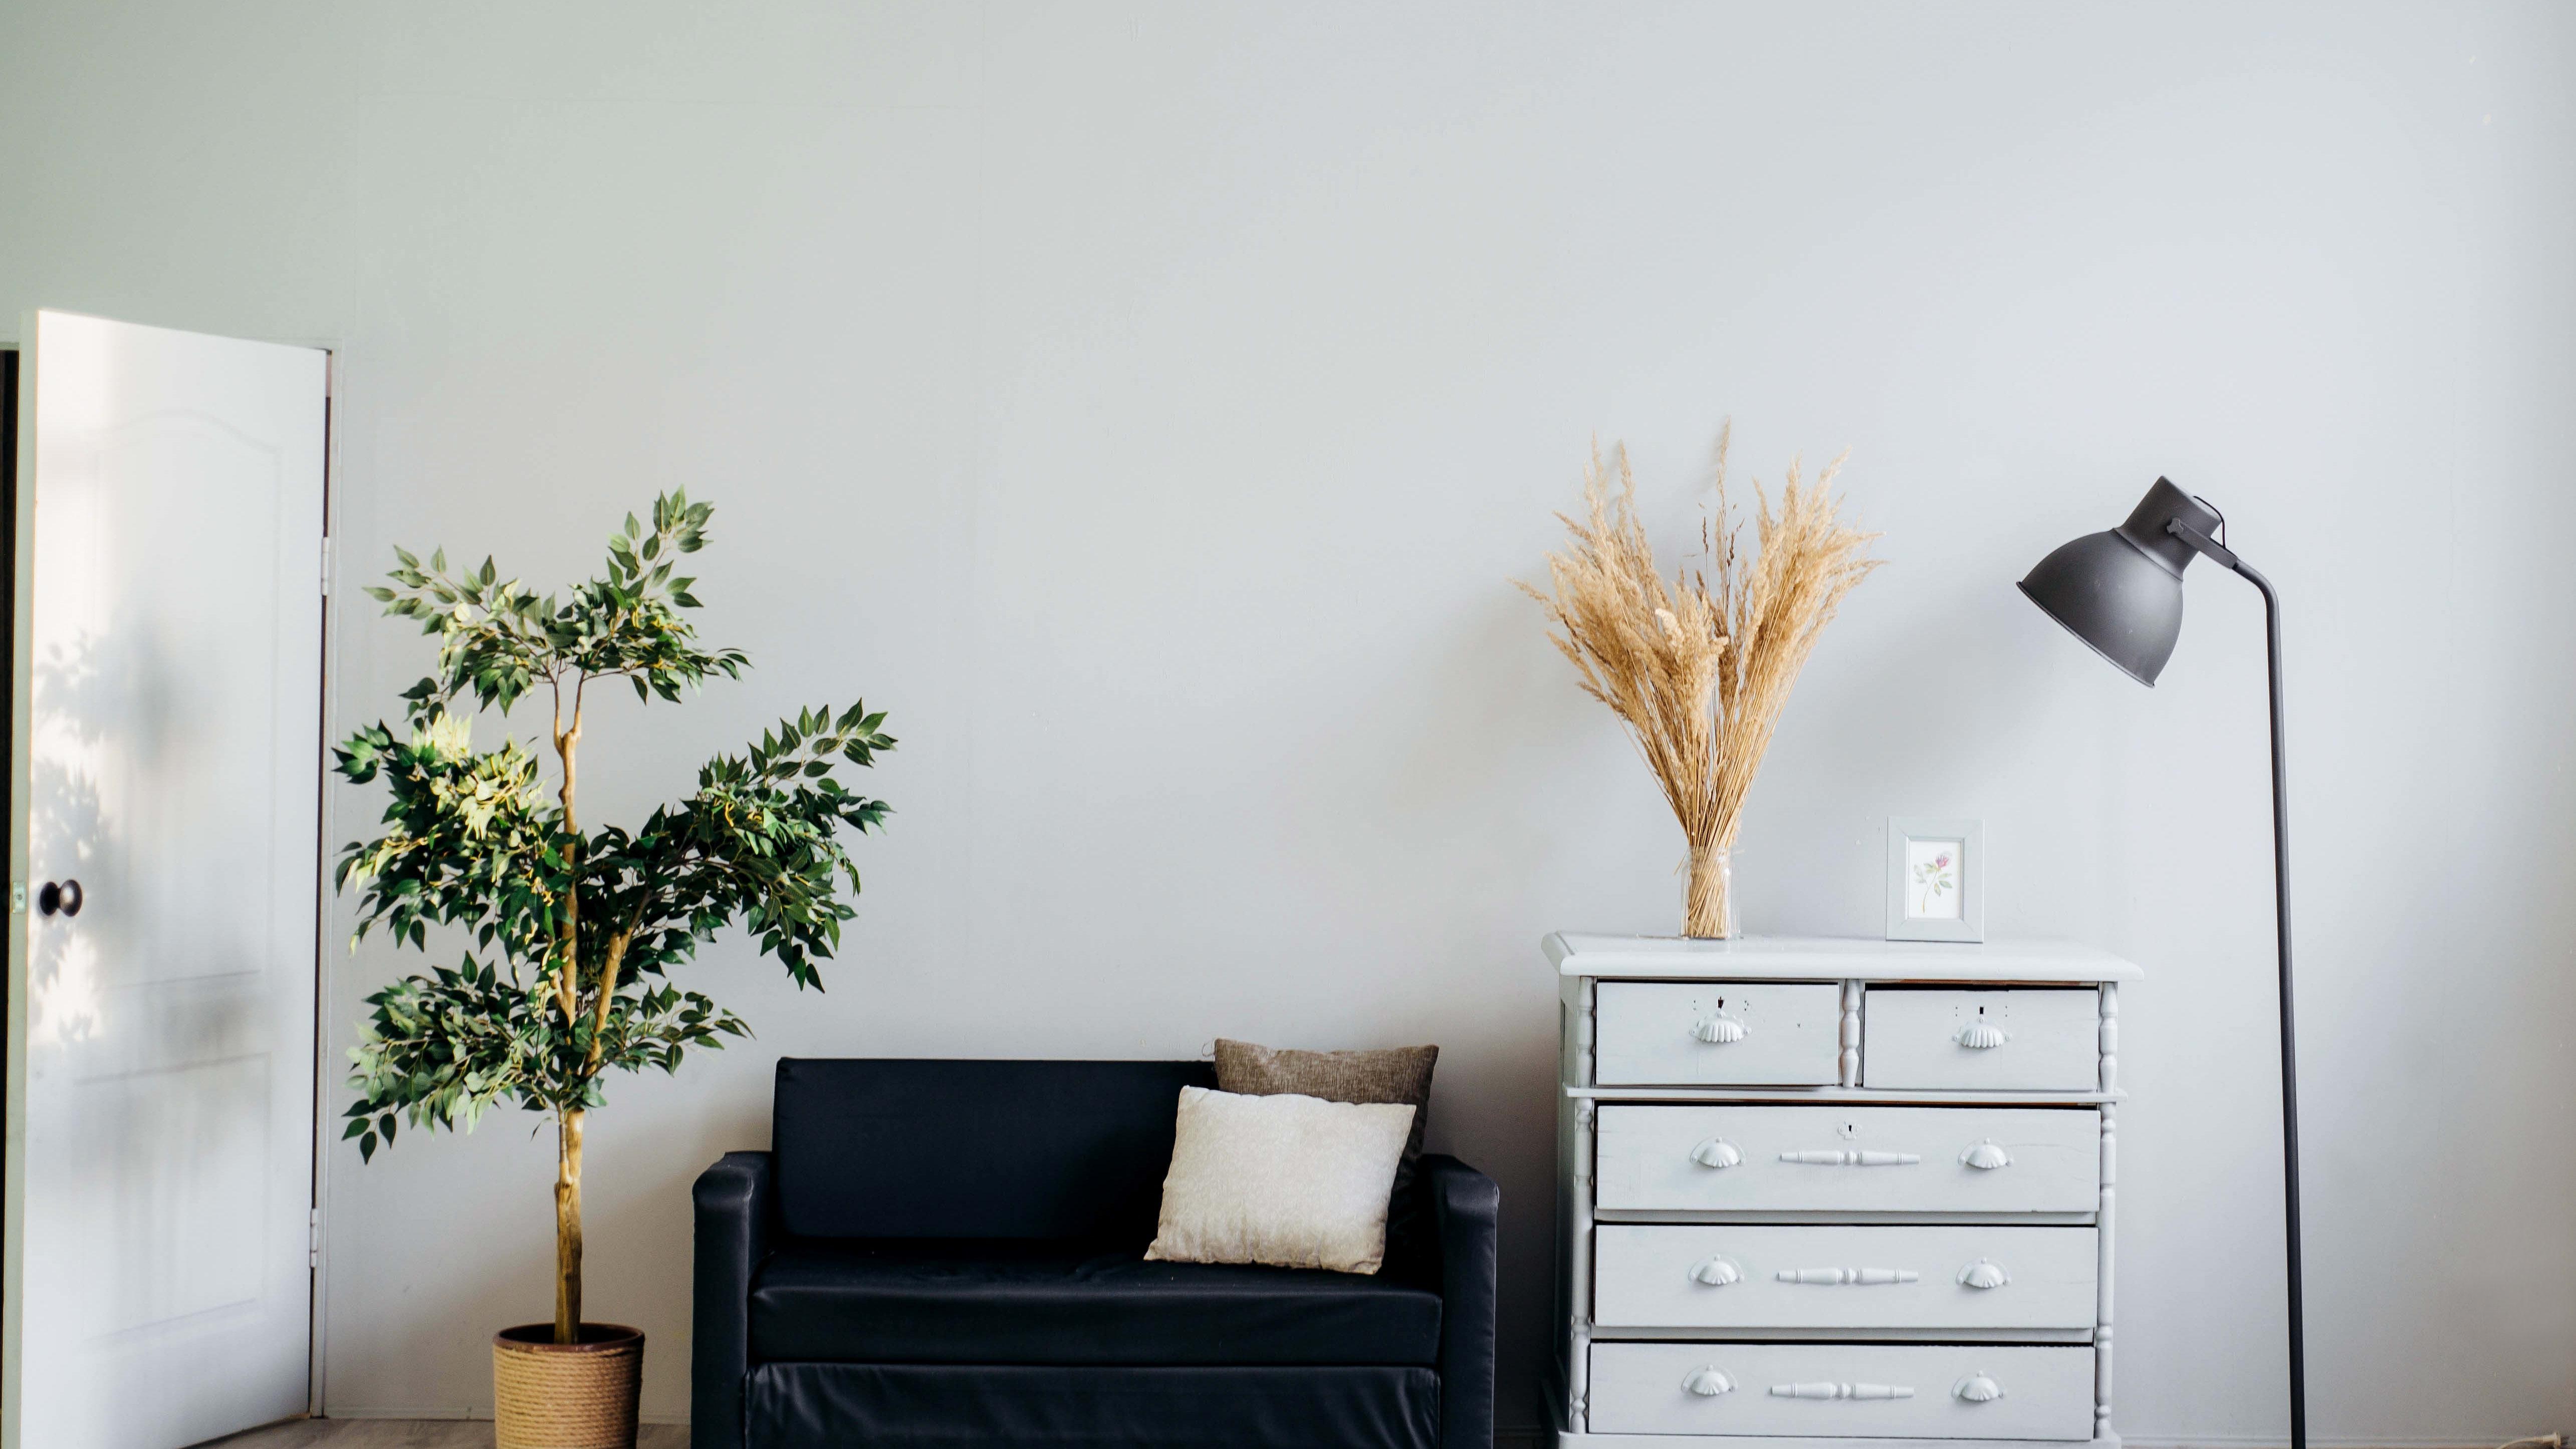 Comment acheter son bien immobilier moins cher?